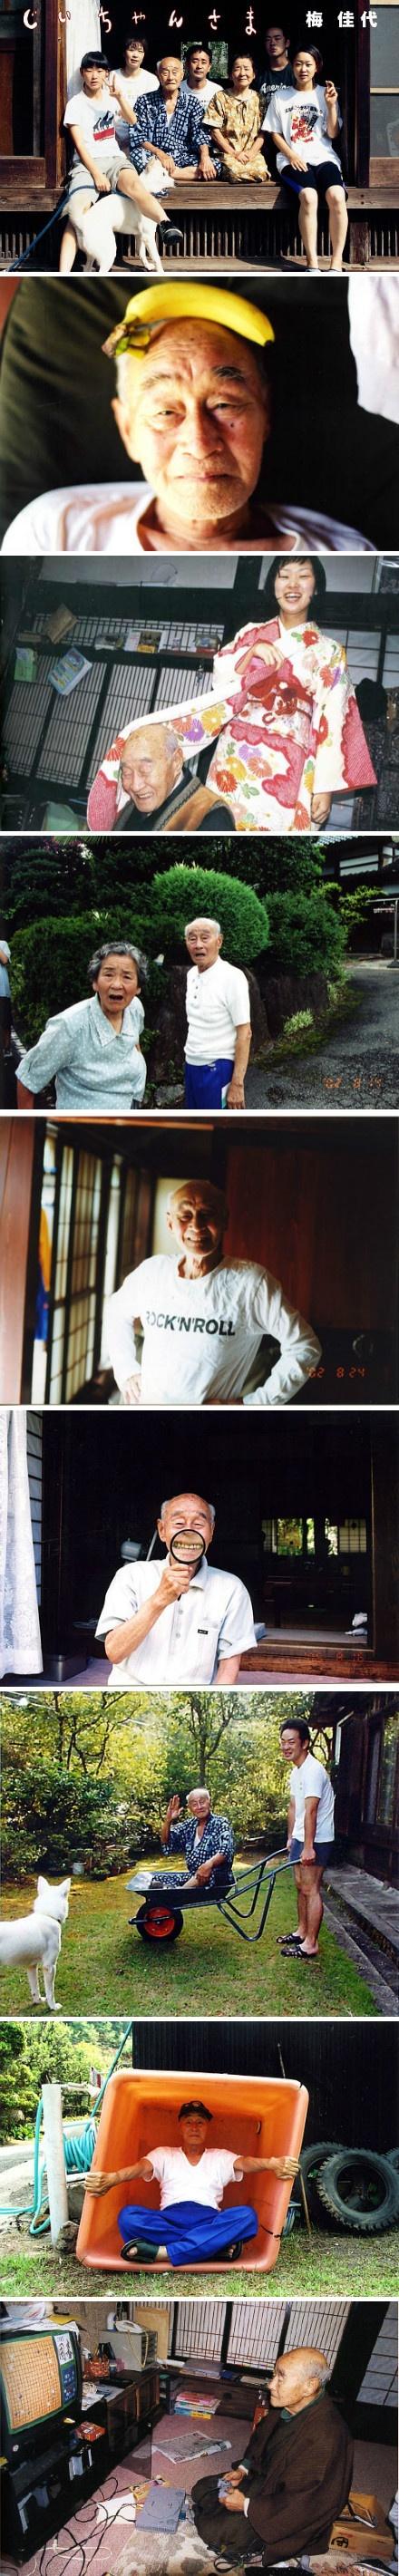 日本摄影师梅佳代 (うめかよ)于2008年出版的摄影集《我们的爷爷》,镜头里的老爷子尽显淘气,像个长不大的老男孩。